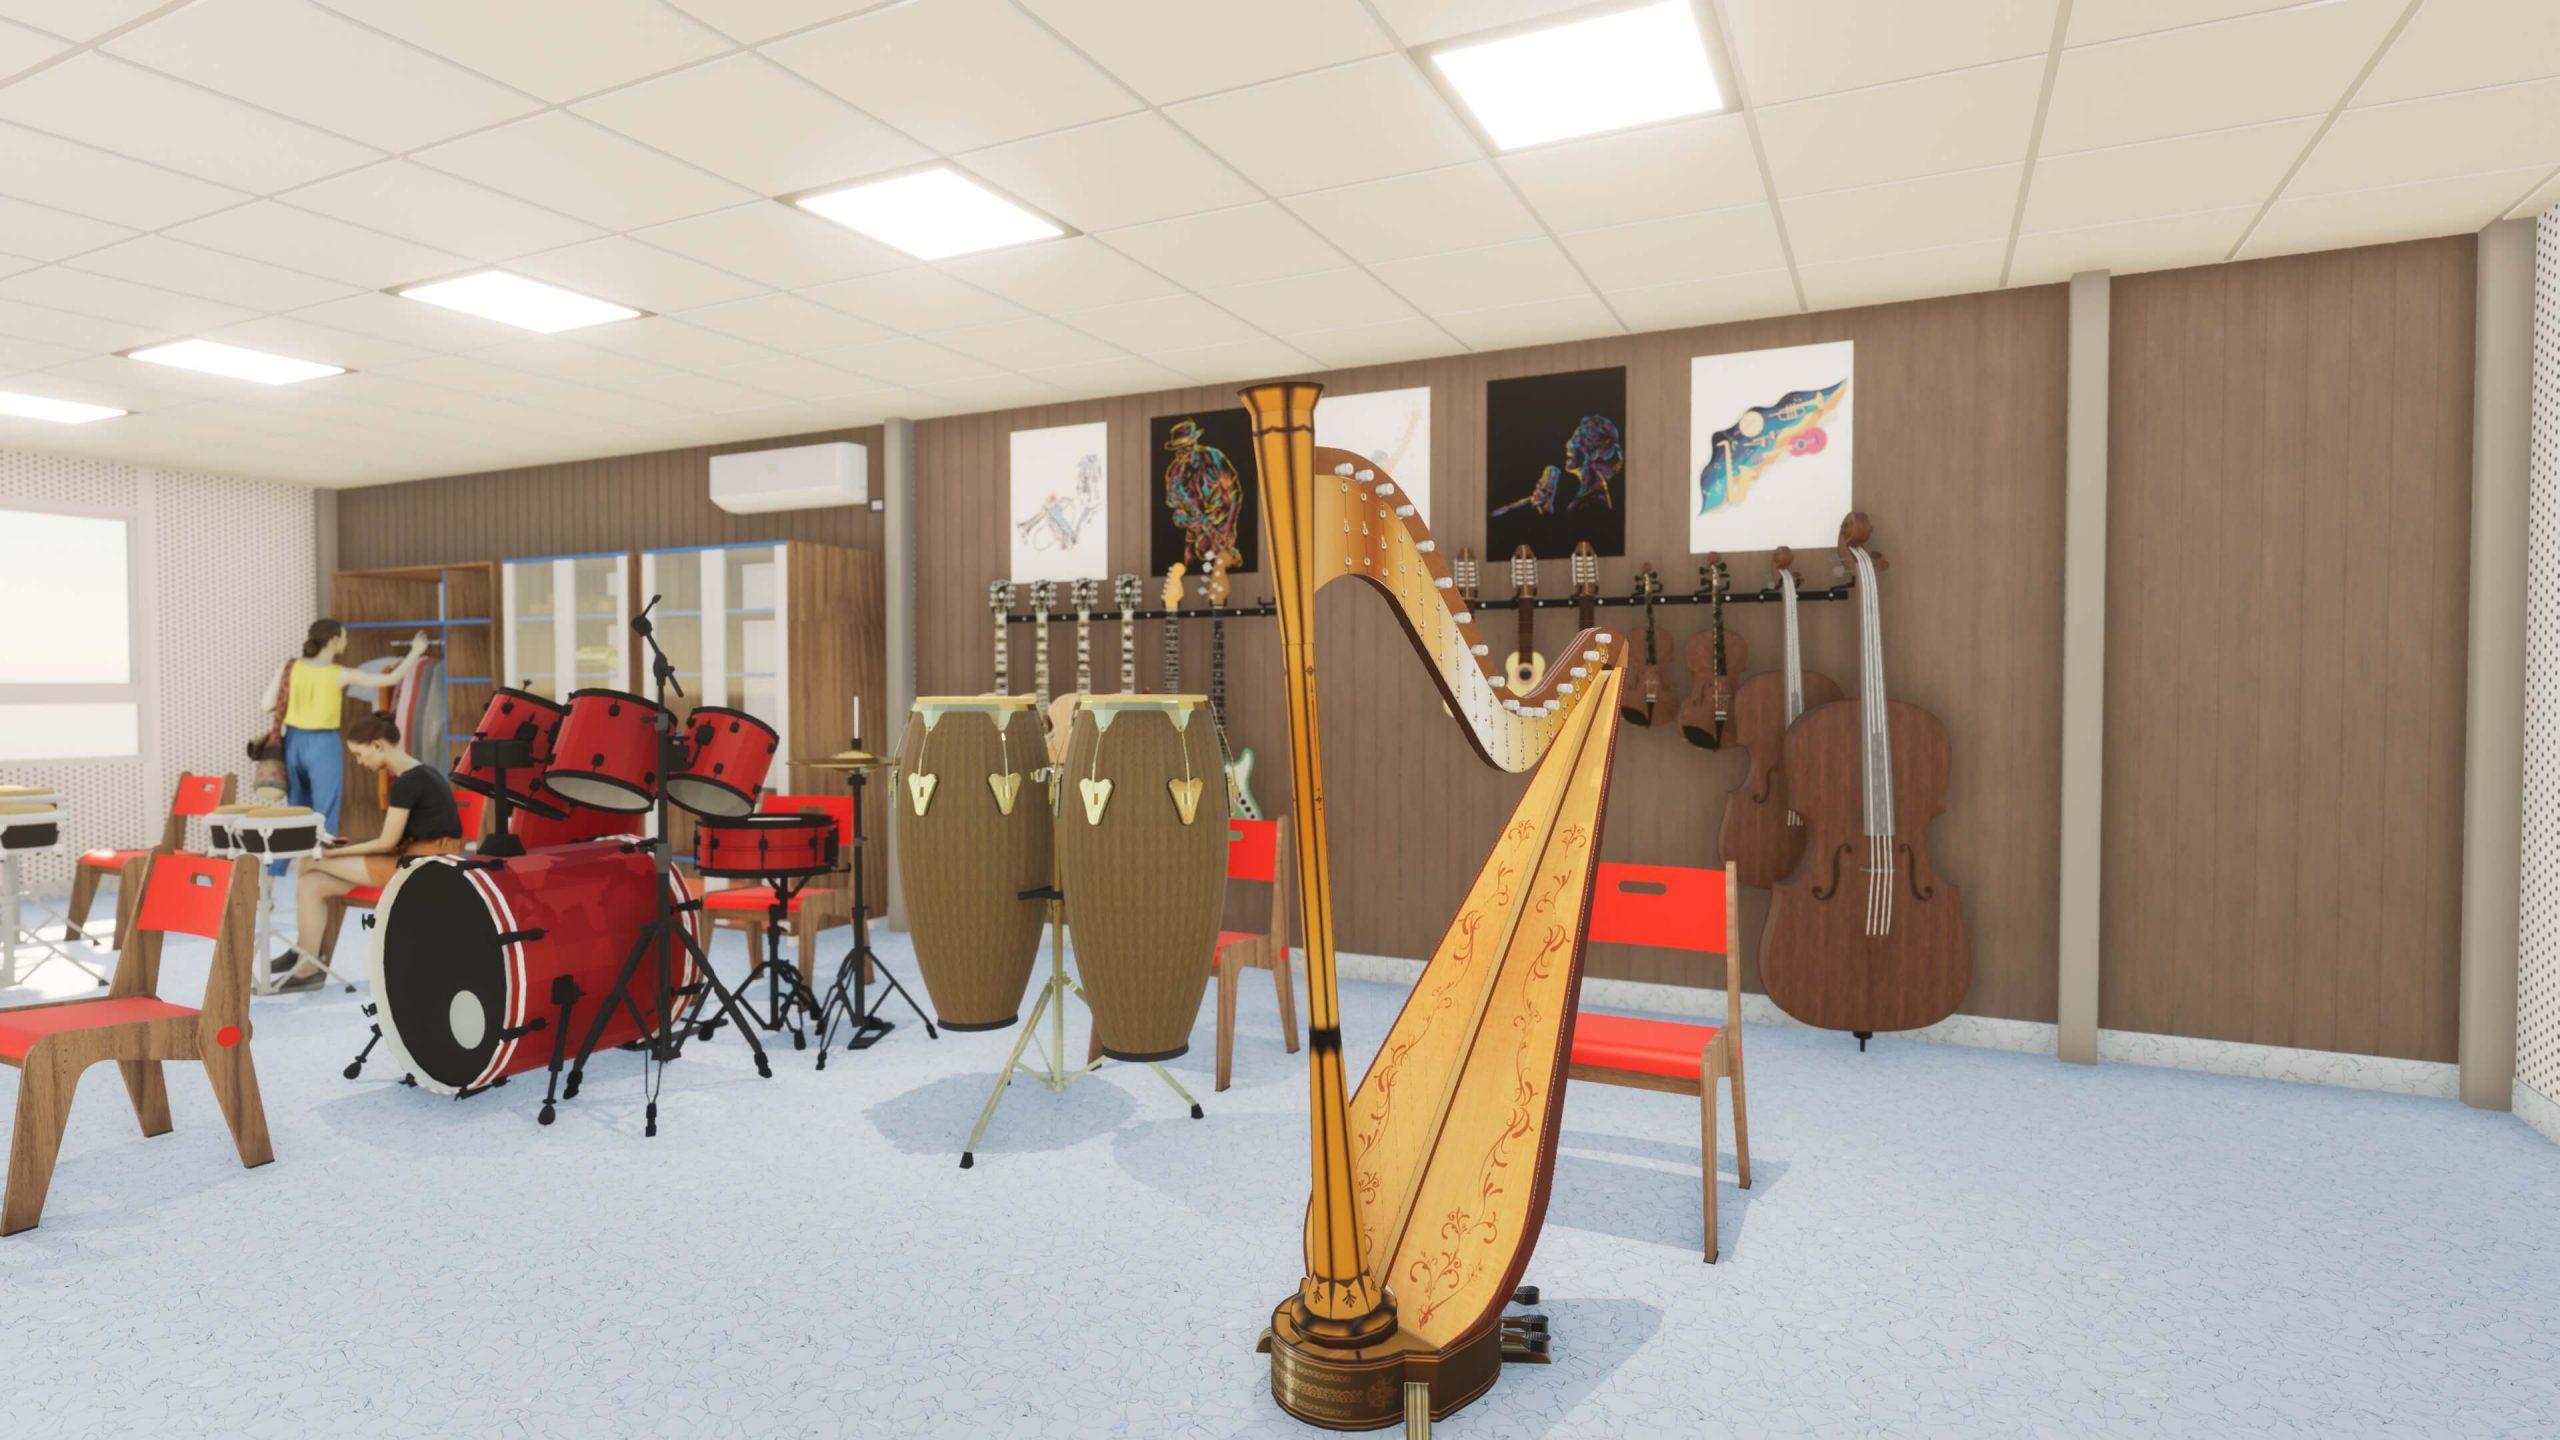 Instrumentos musicales en el aula